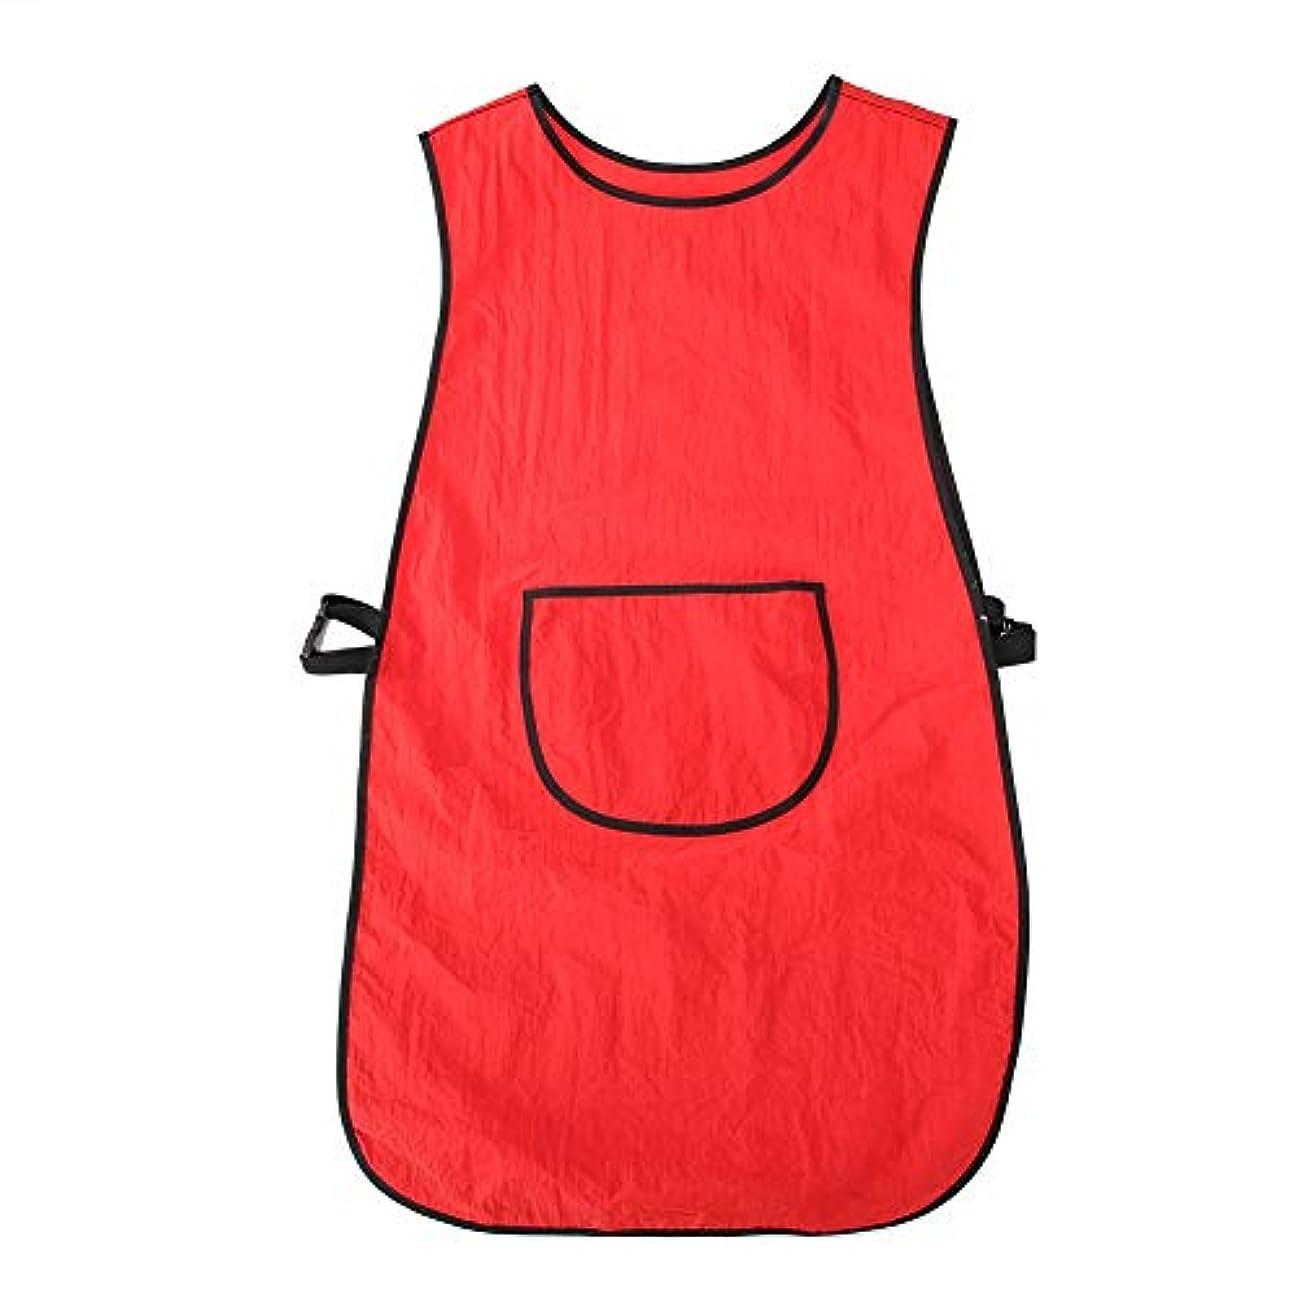 罰不快な嘆くプロのサロンケープ、シンプルなスタイルの防水耐油性帯電防止サロンケープ理容理髪ヘアカットラップ(赤)